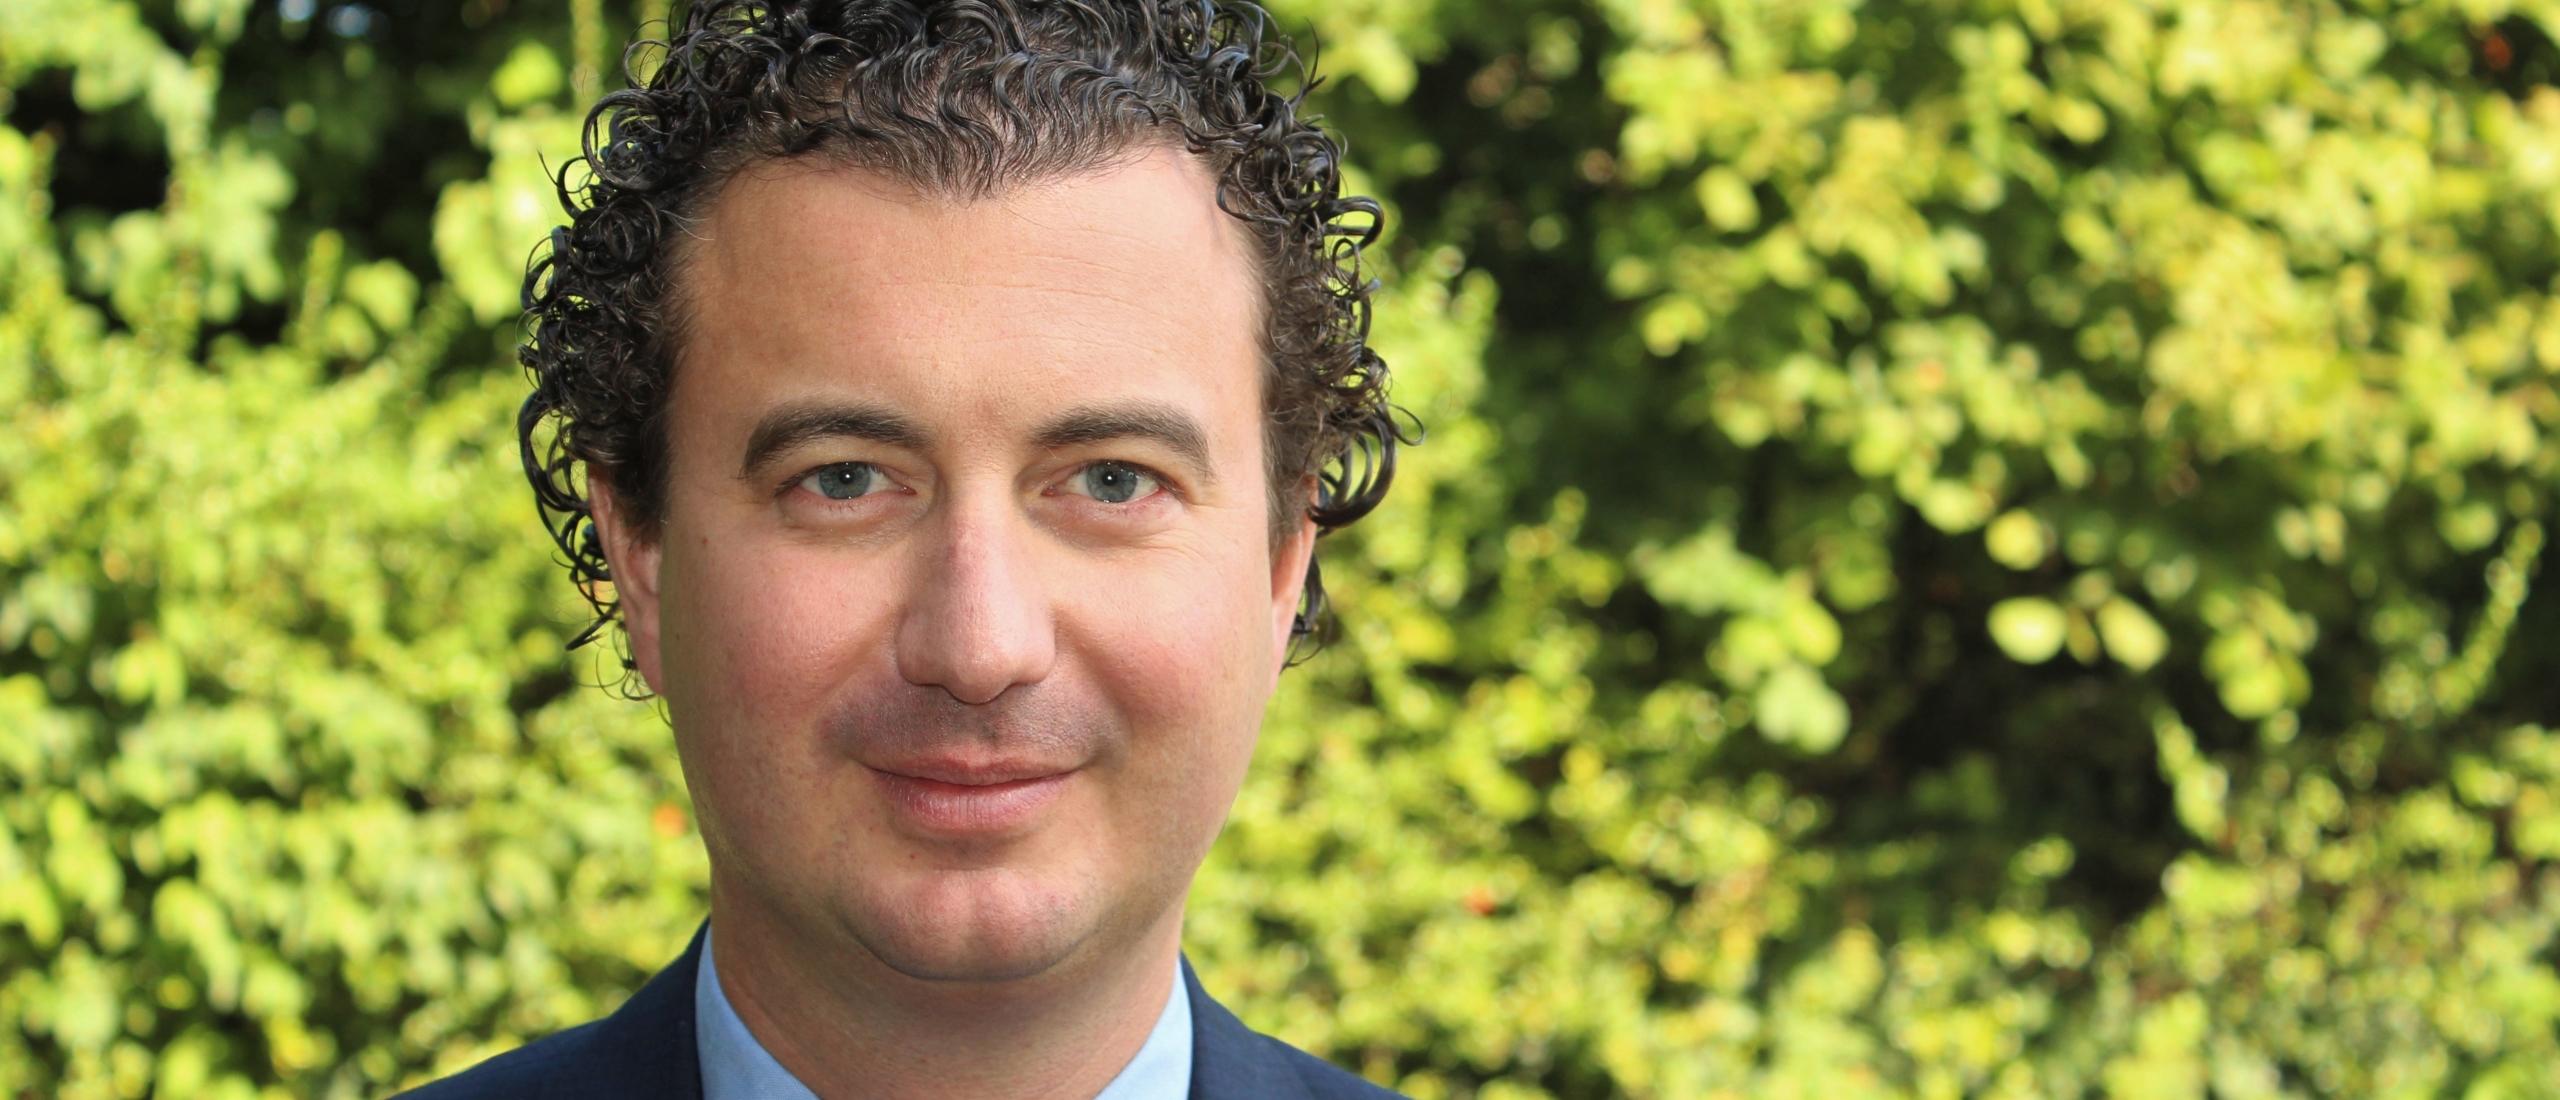 MH17 strafproces | Nabestaanden gaan spreken op 6 september | Sander de Lang